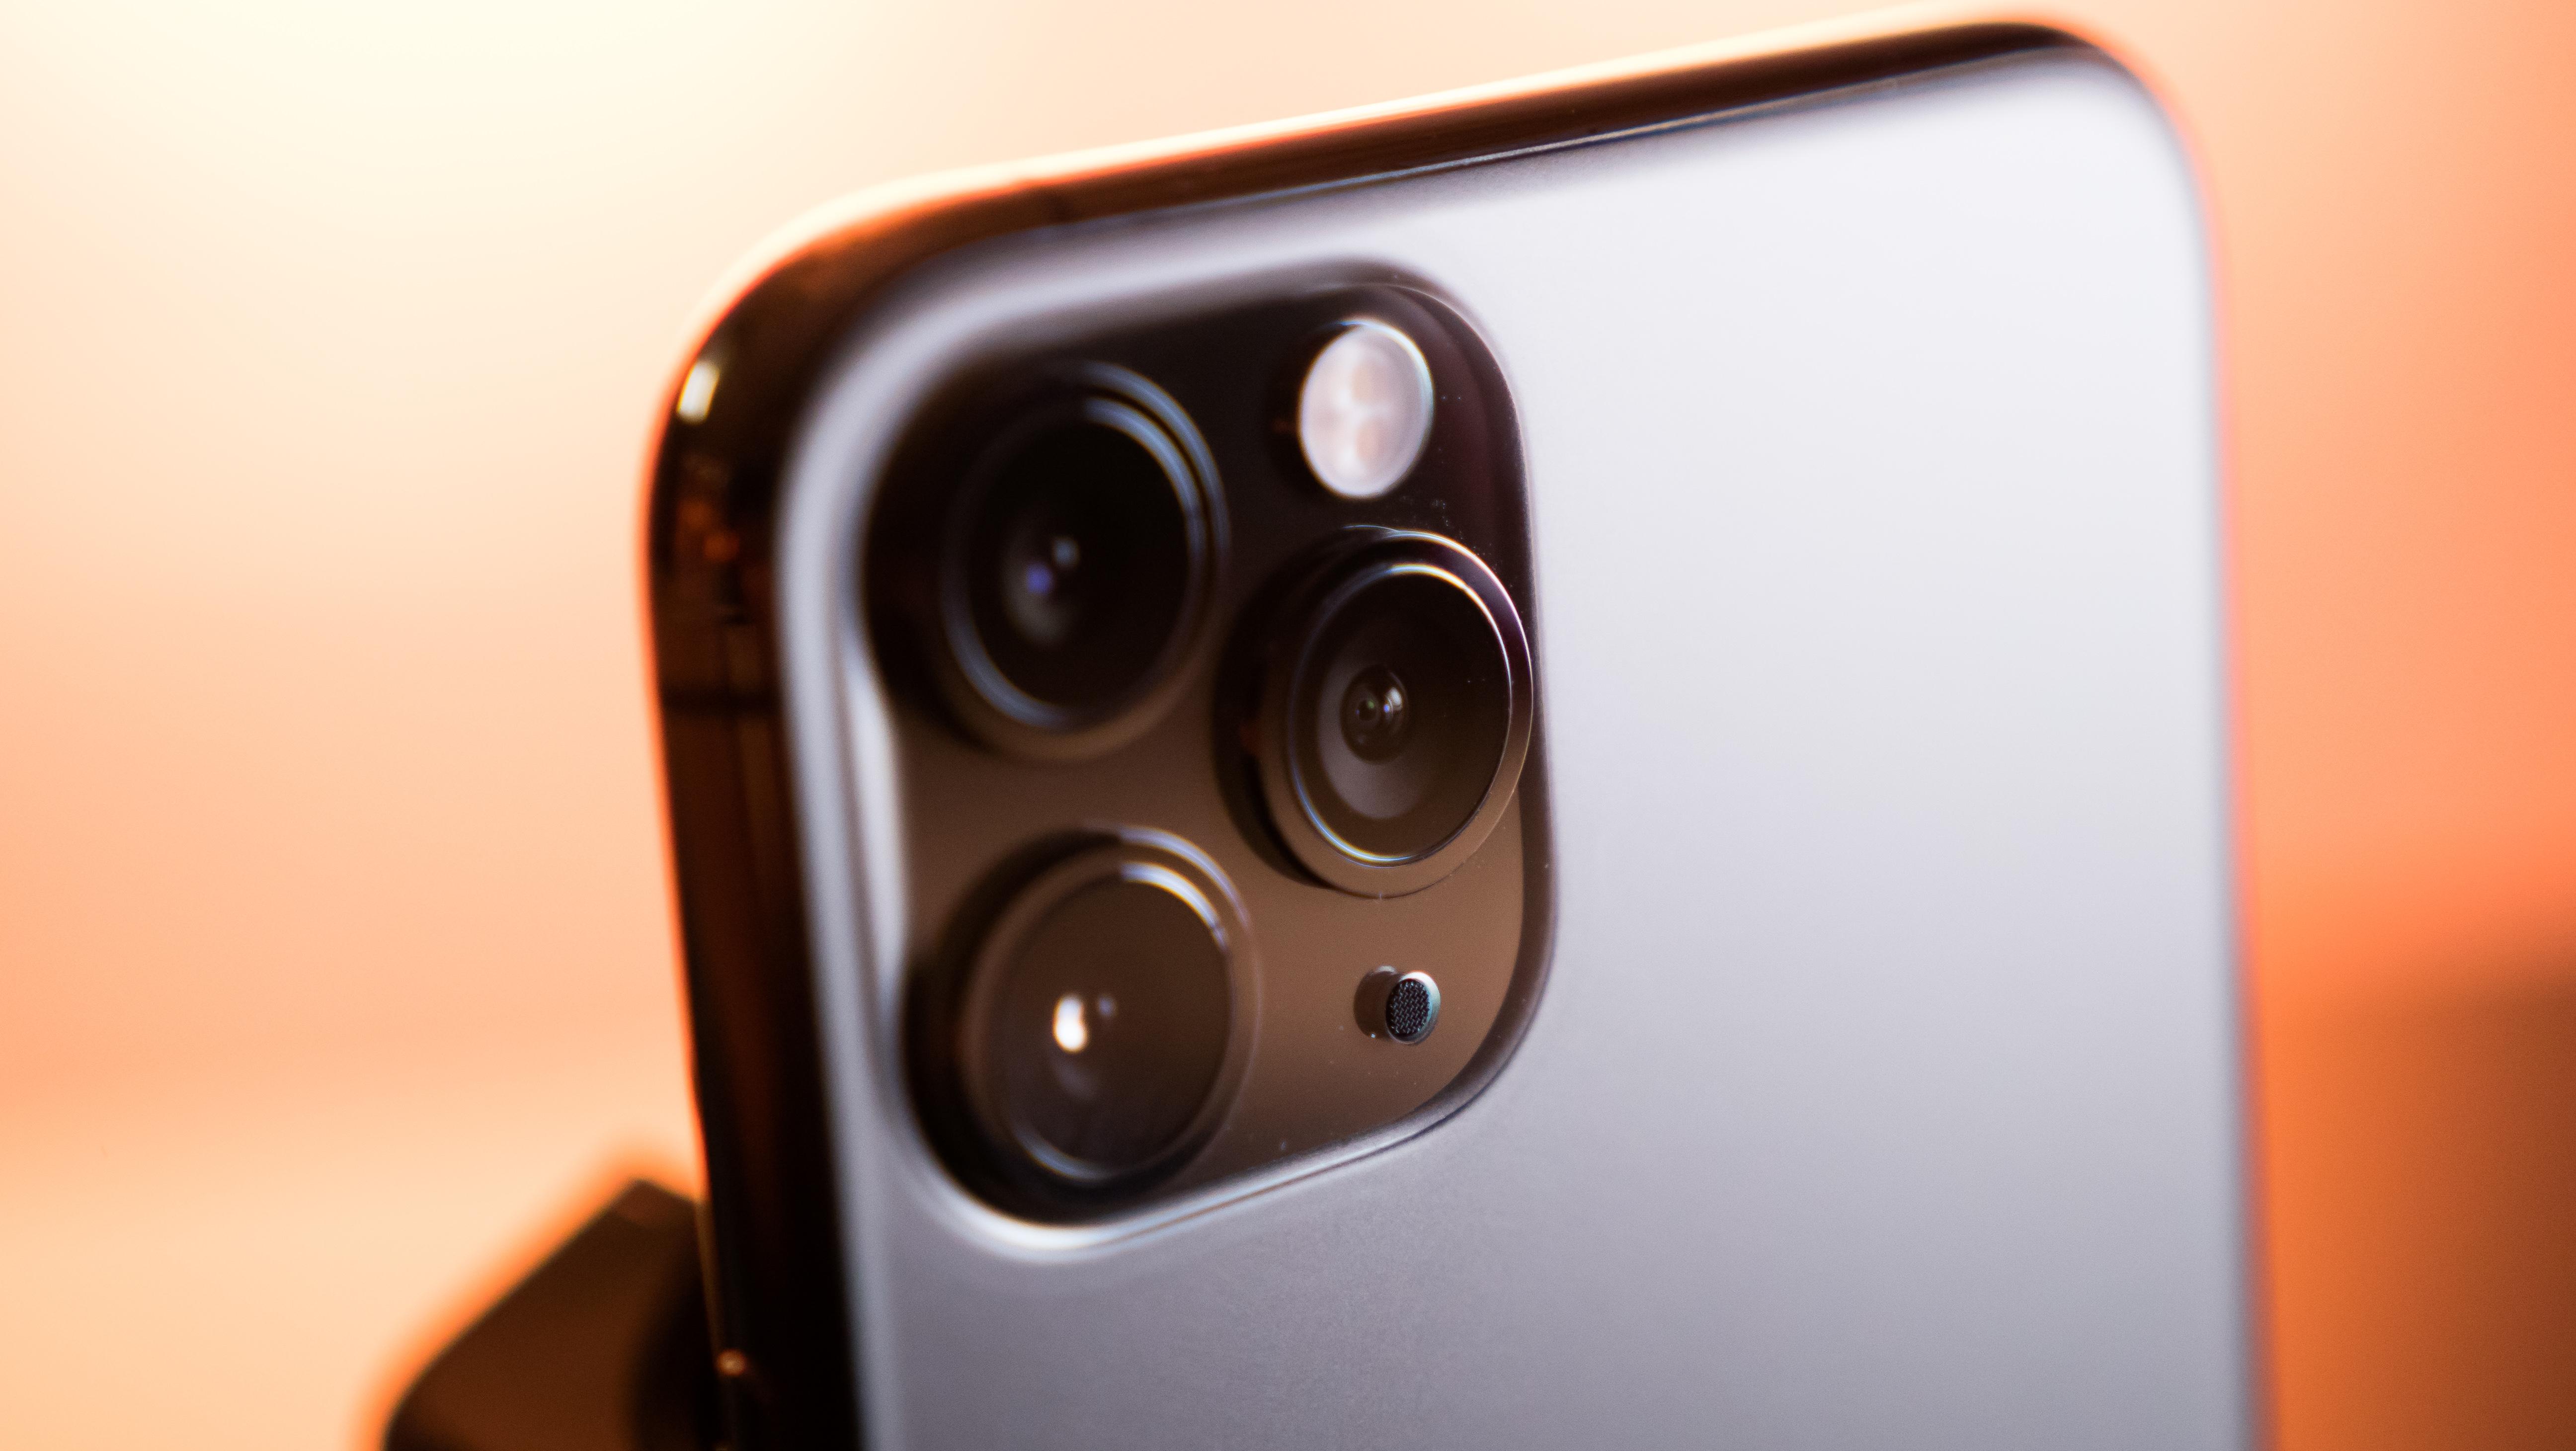 iPhone 11 Pro gegen Profi-DSLR: Kameravergleich mit überraschendem Ergebnis